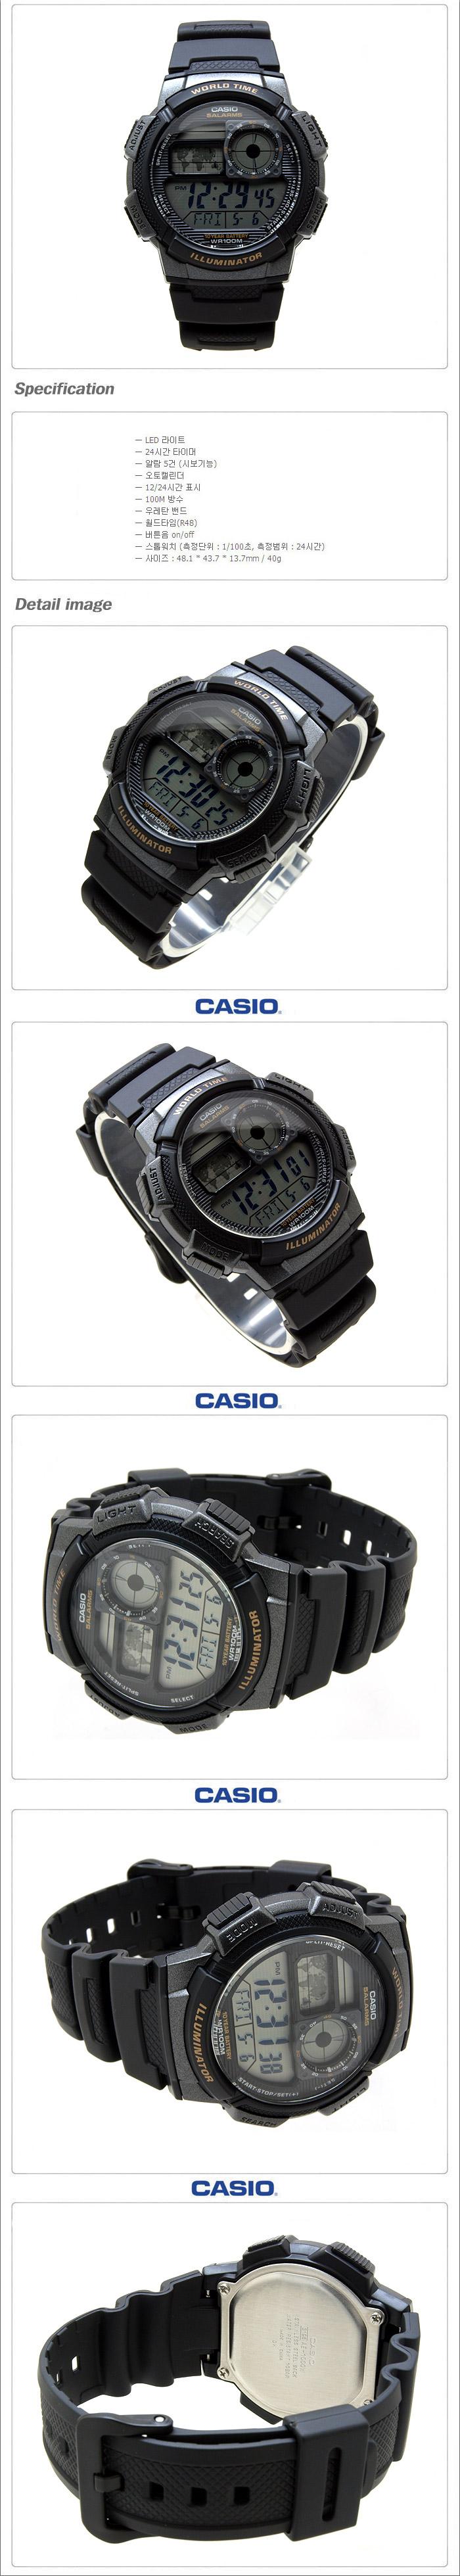 AE-1000W-1A (정품카시오시계) - 카시오, 46,800원, 남성시계, 전자시계